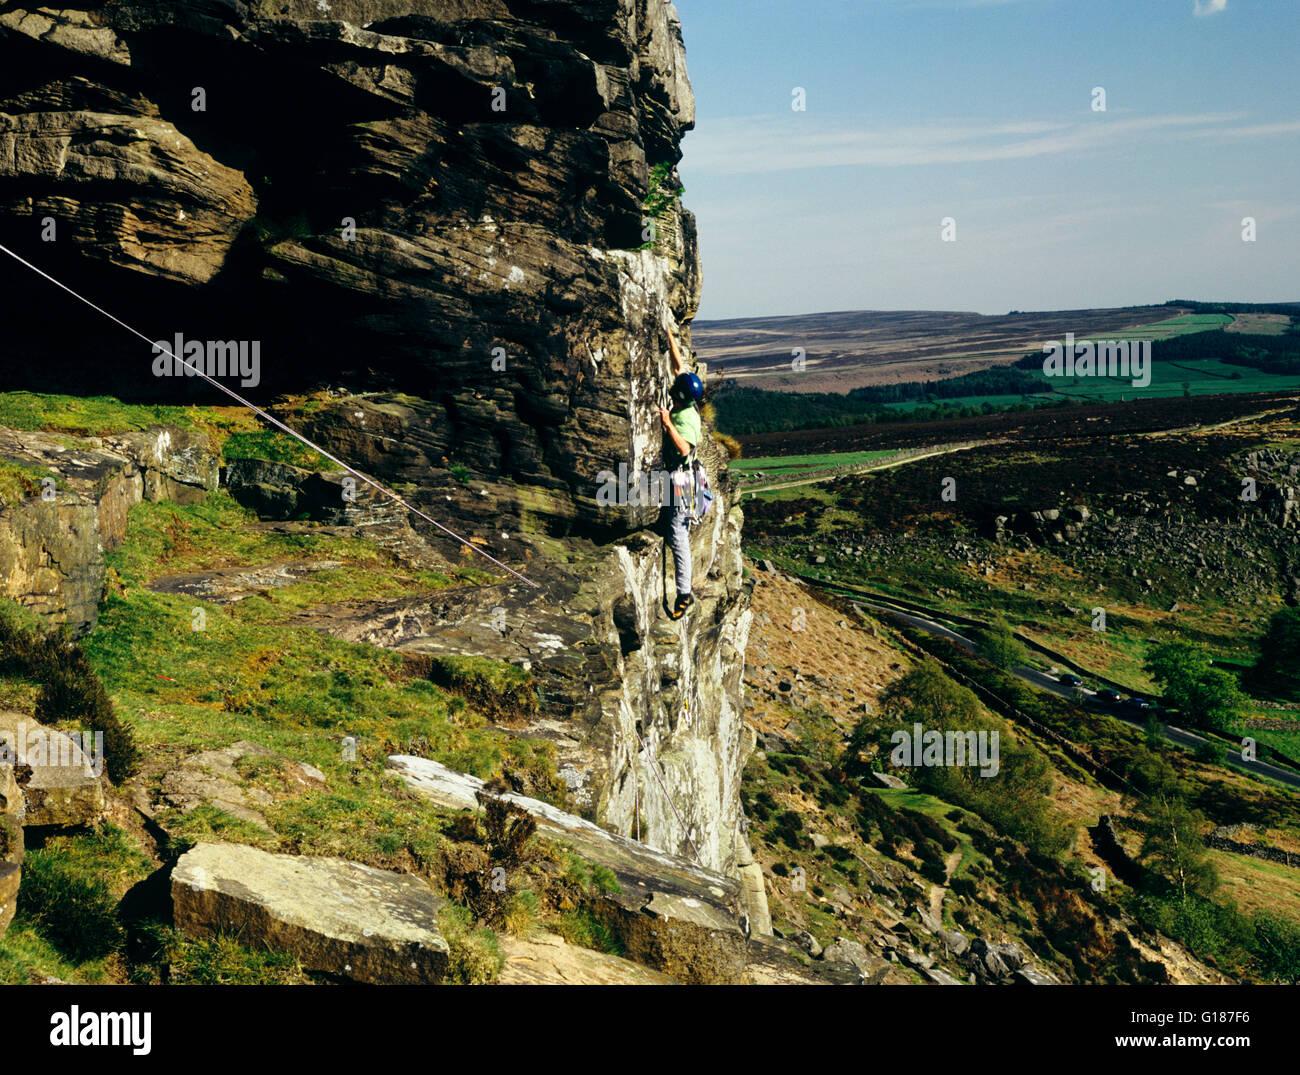 Uomo Peapod arrampicata una severa salita impegnativa sul bordo Curbar Peak District DERBYSHIRE REGNO UNITO Inghilterra Immagini Stock